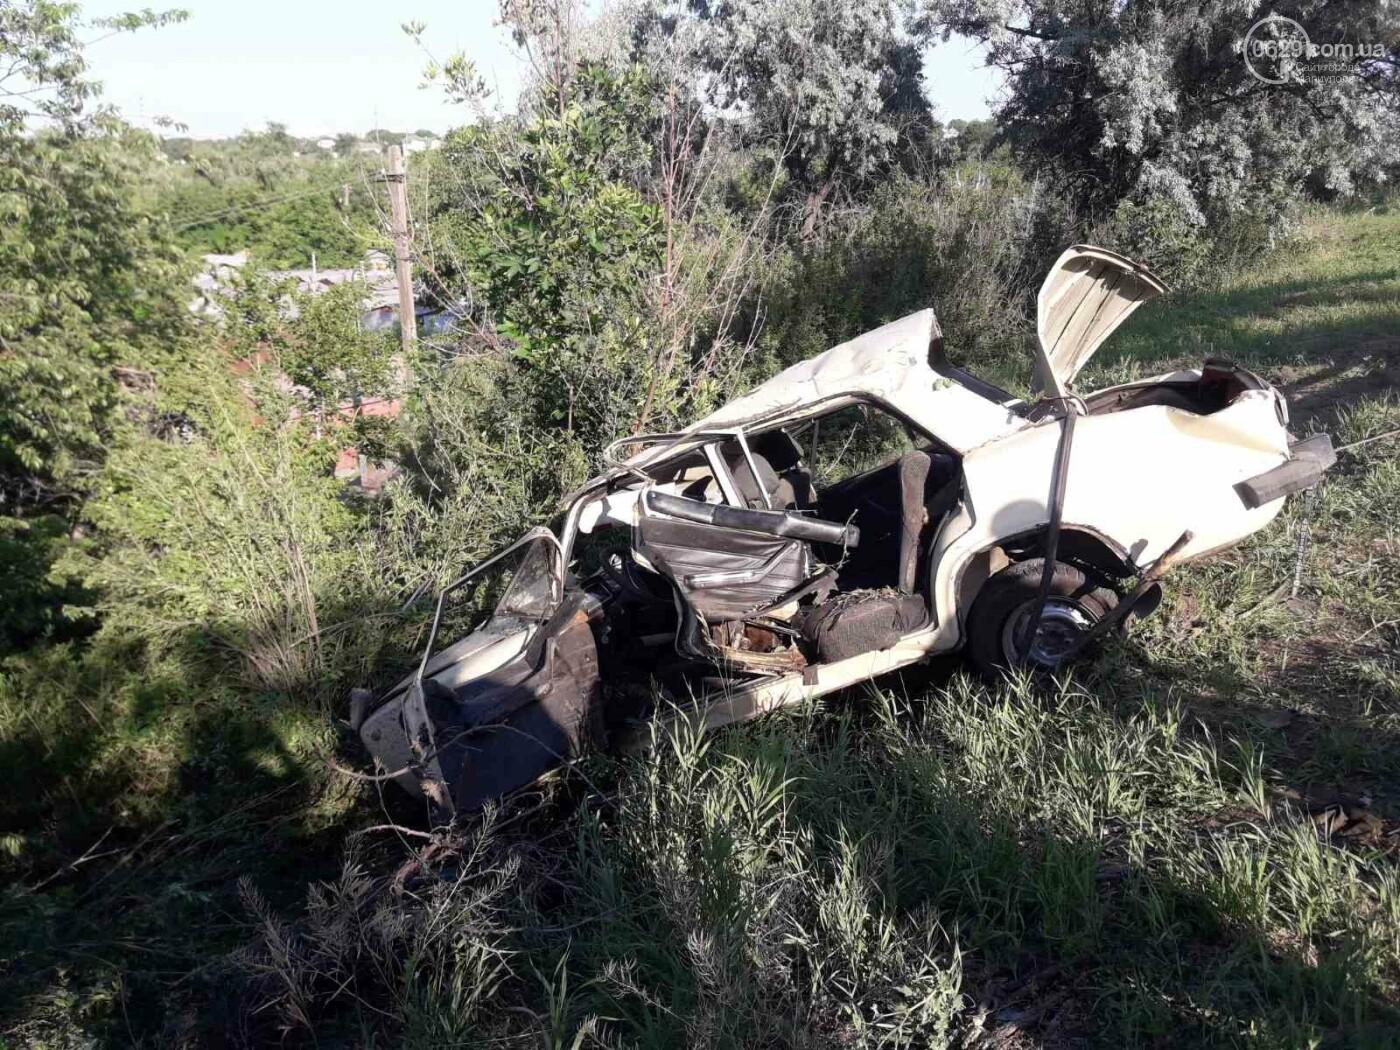 Серьезная авария в Кальмиусском районе. ВАЗ с пассажирами вылетел в кювет, четверо пострадавших, - ФОТО, фото-11